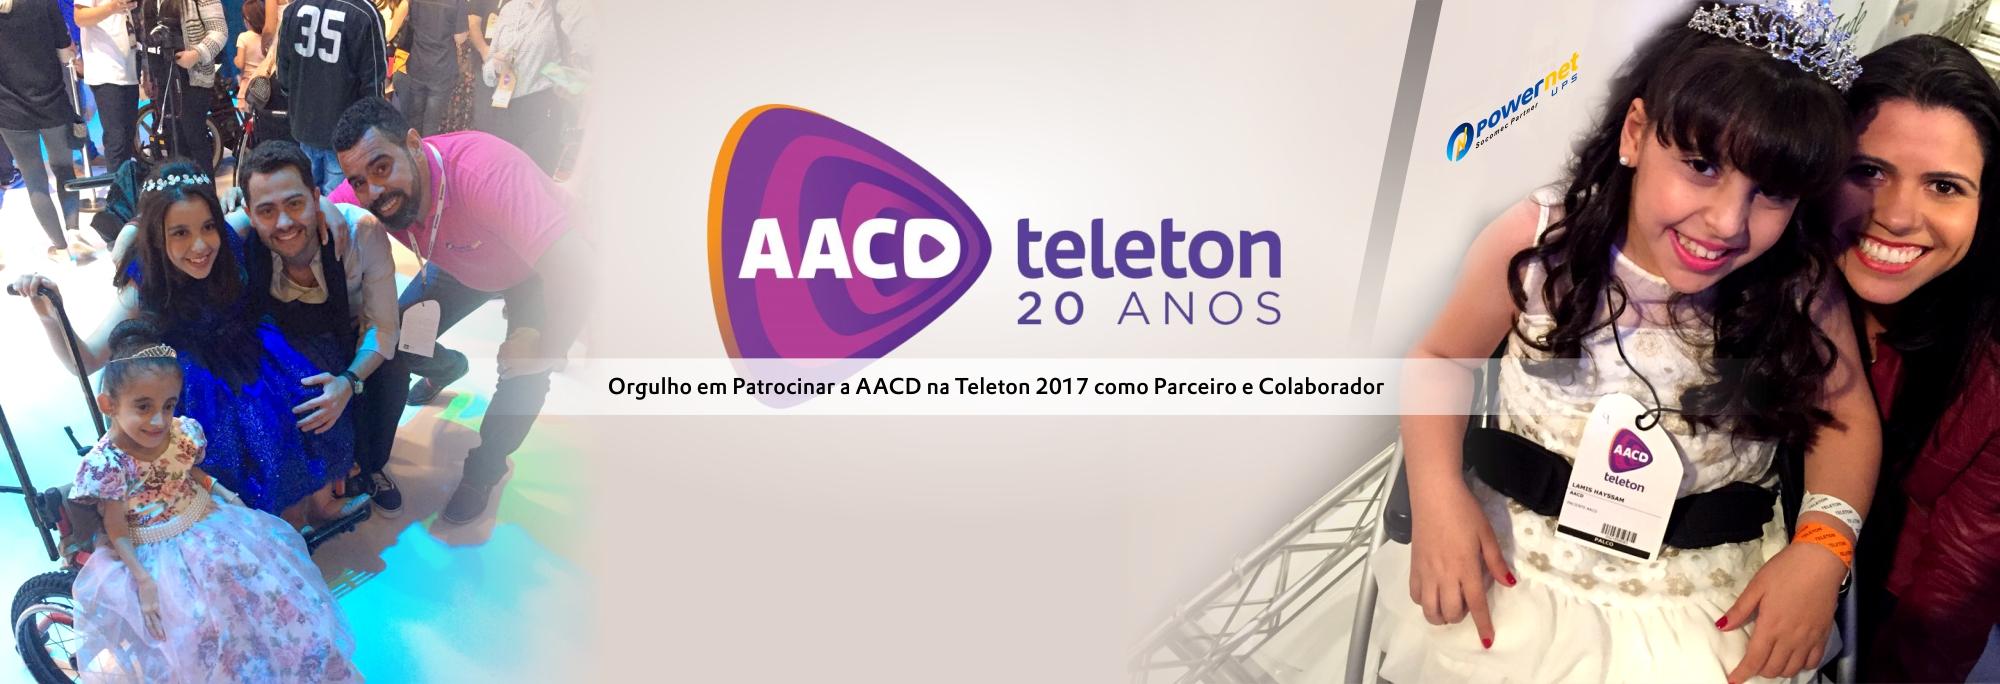 TELECOM 20 ANOS